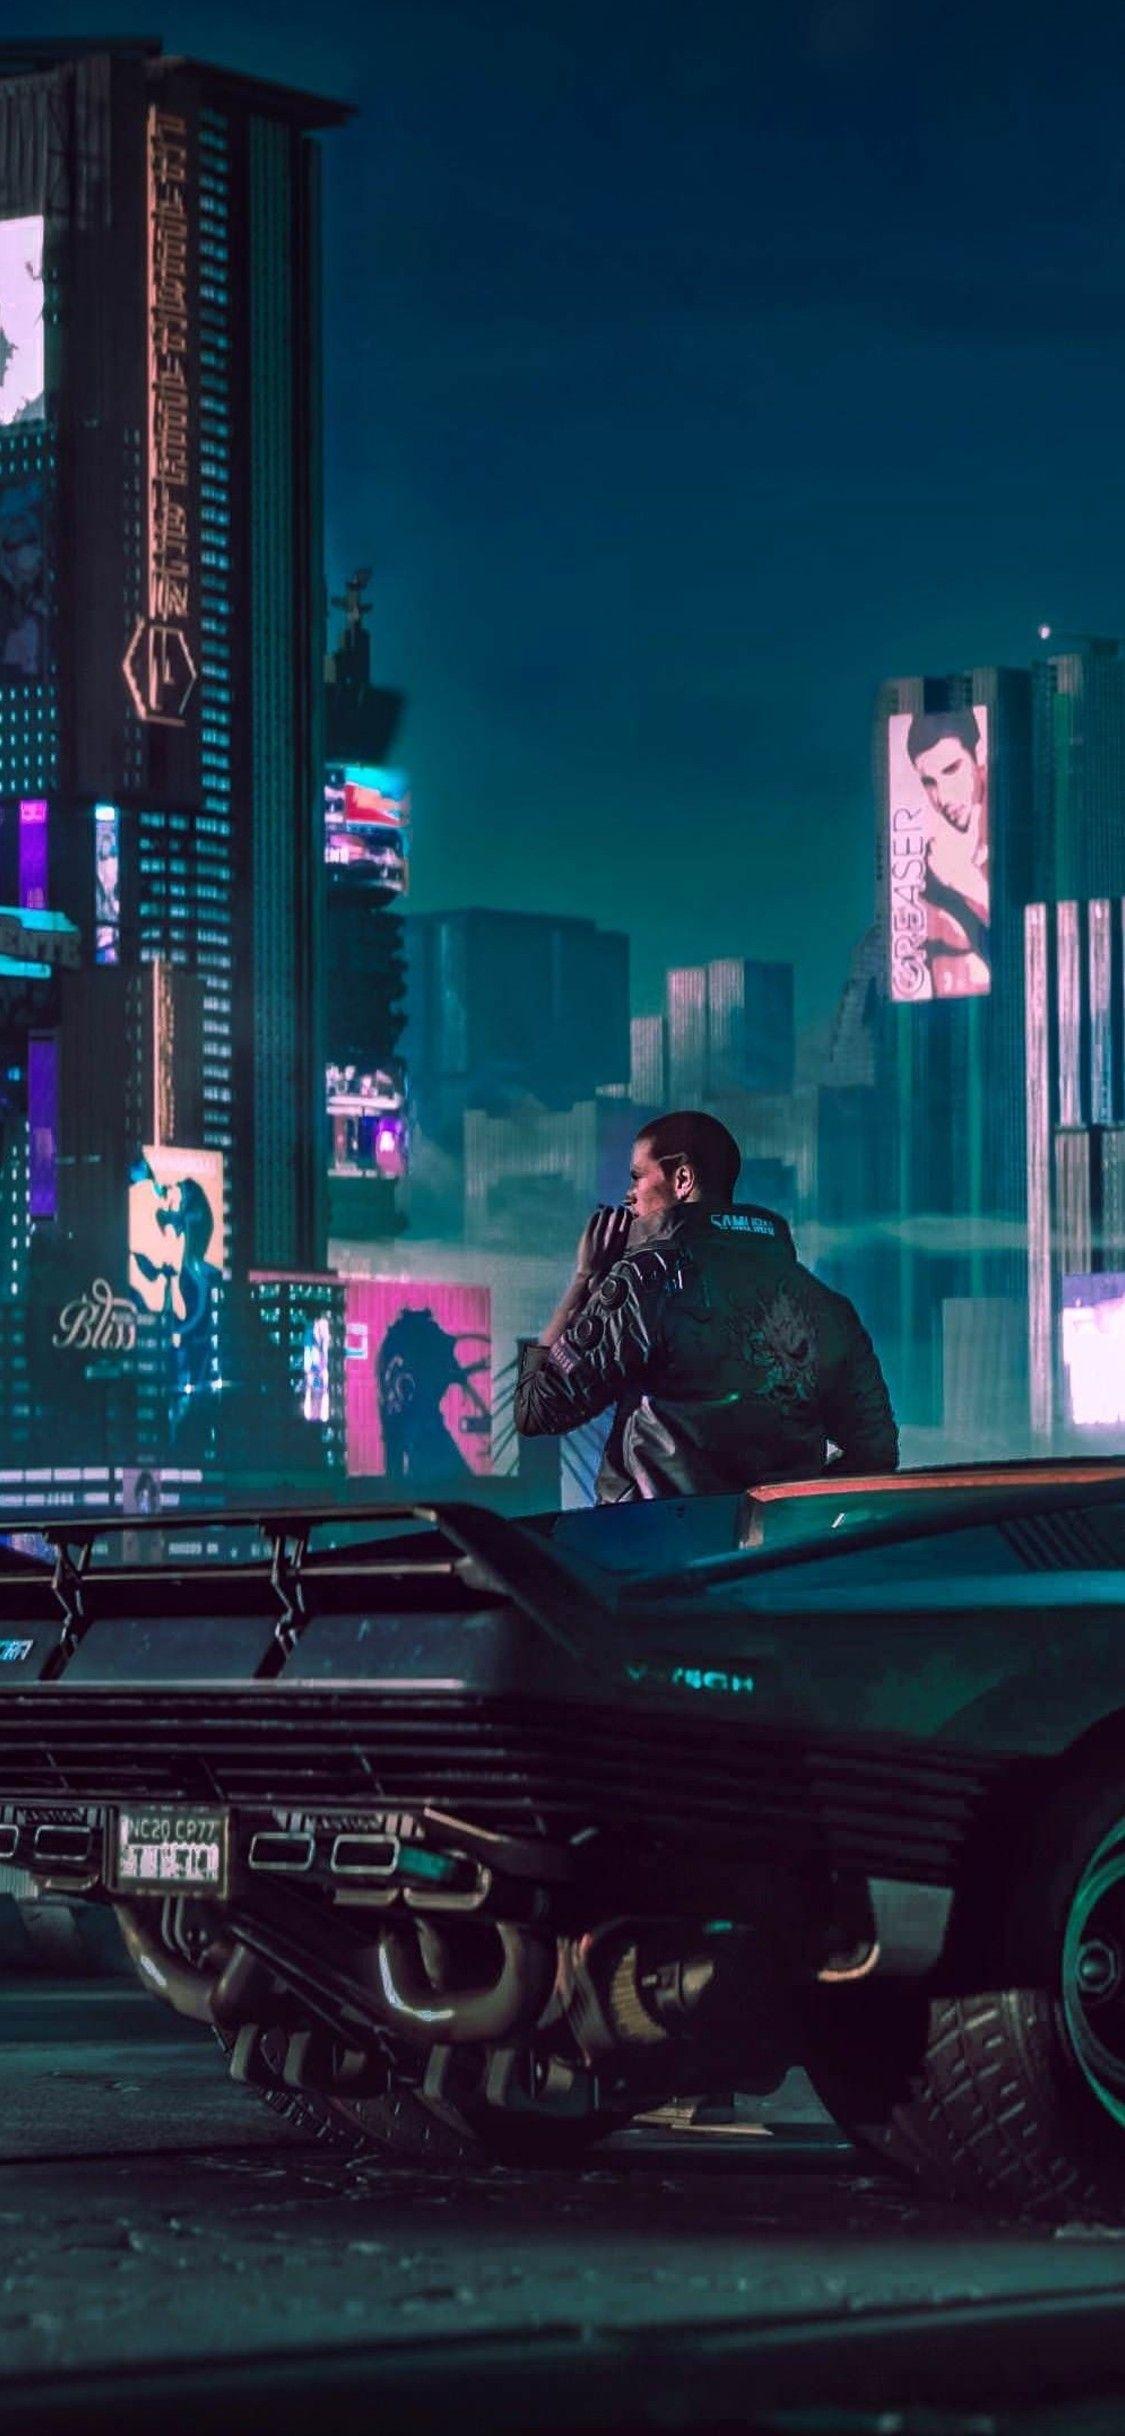 1125x2436 2018 Cyberpunk 2077 4k Iphone XSIphone 10Iphone X HD 1125x2436